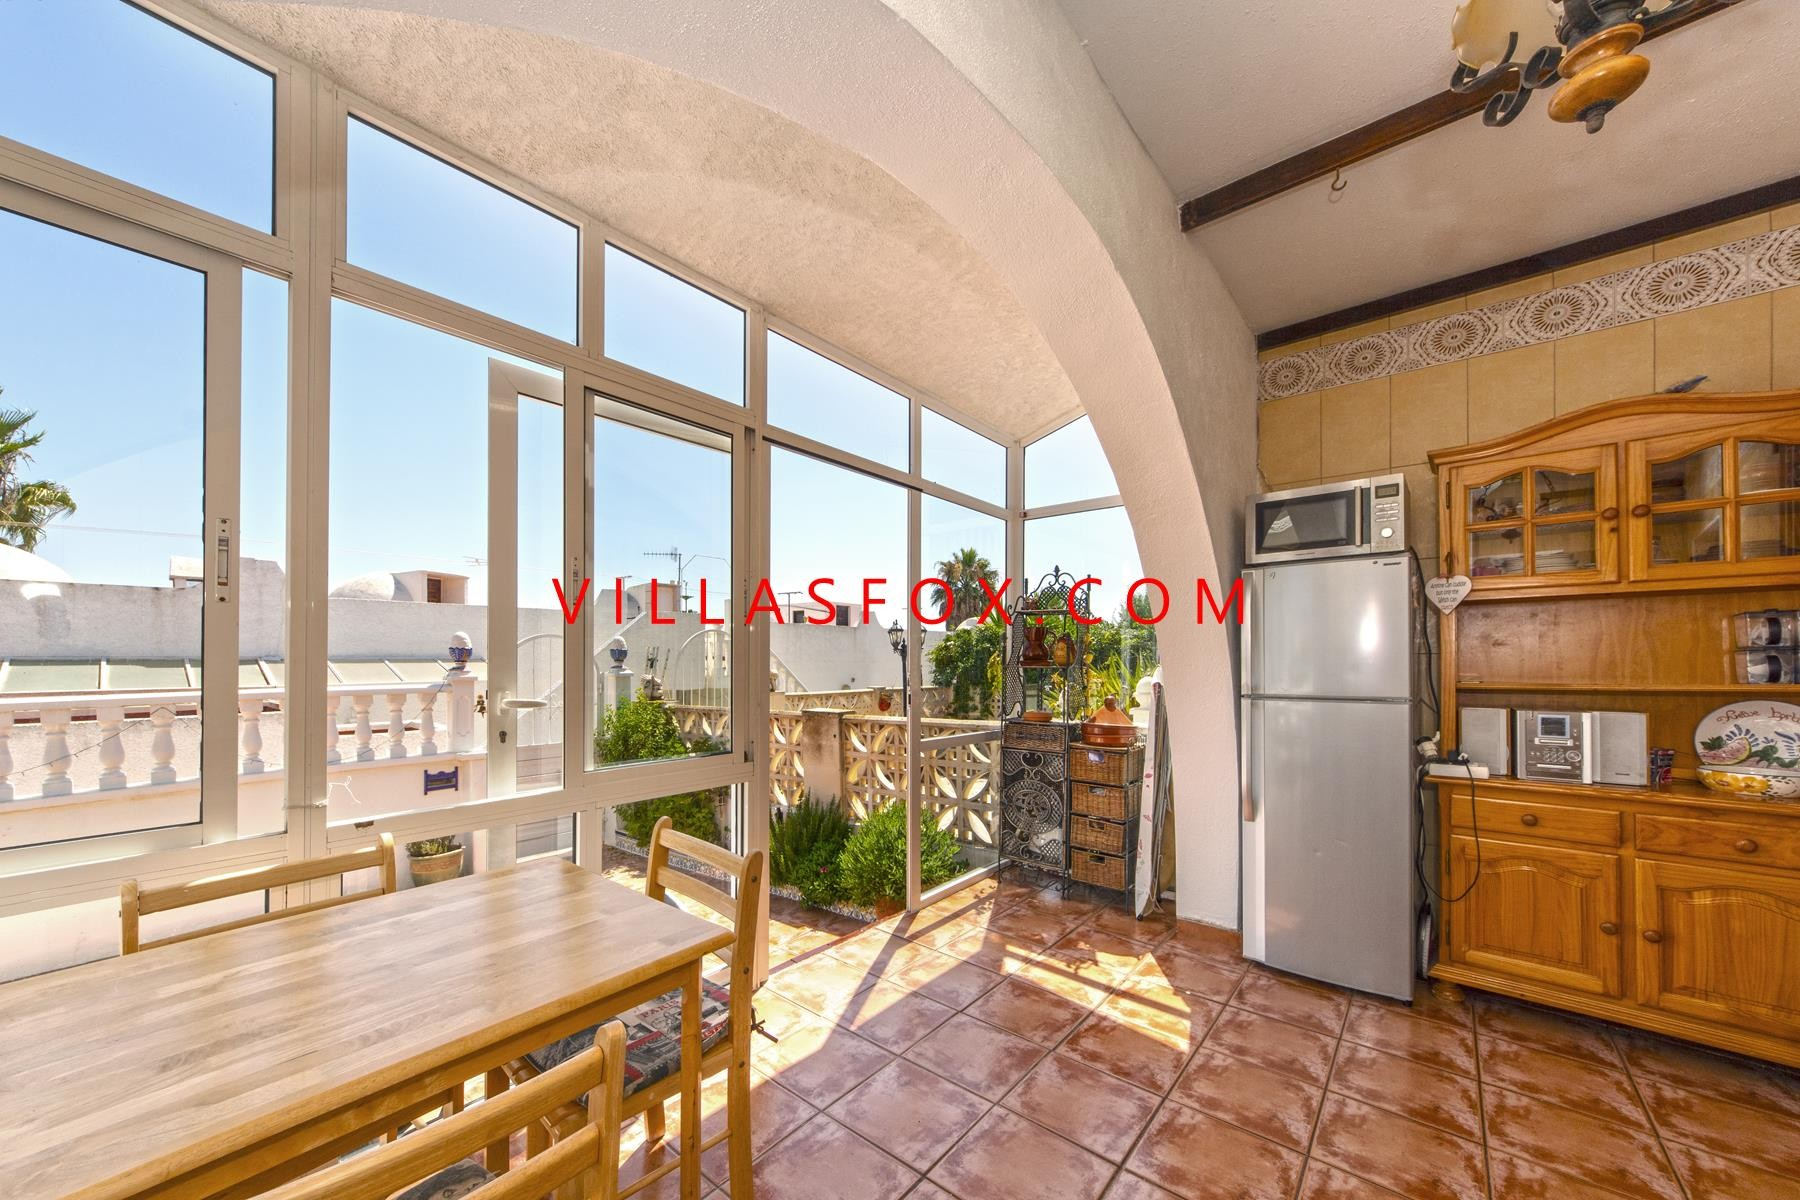 Casa en venta en Blue Lagoon, San Miguel de Salinas (jardín, solarium y excelentes vistas!)